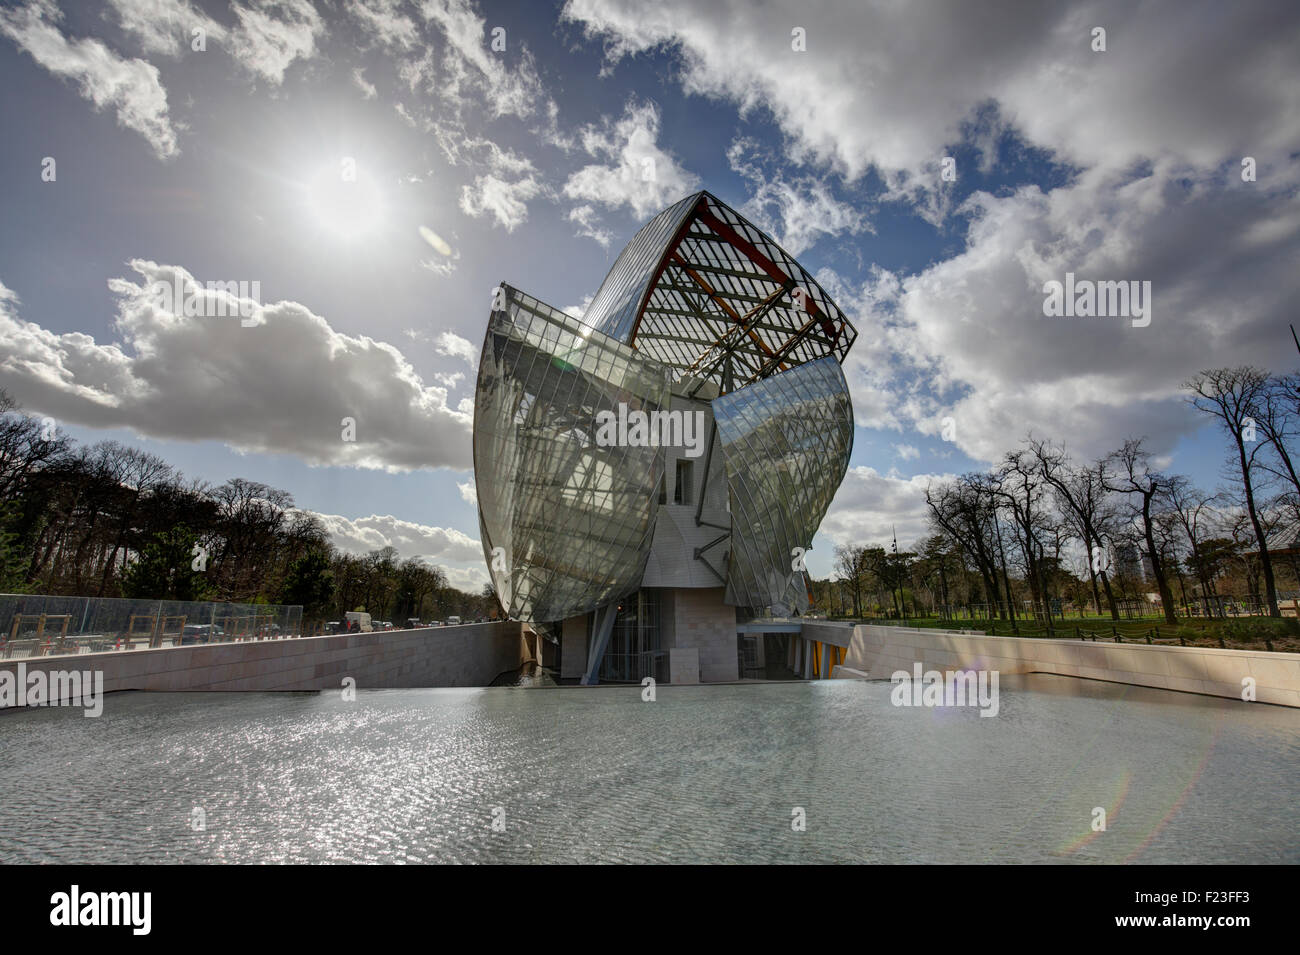 Museum immagini museum fotos stock alamy for Architettura a parigi